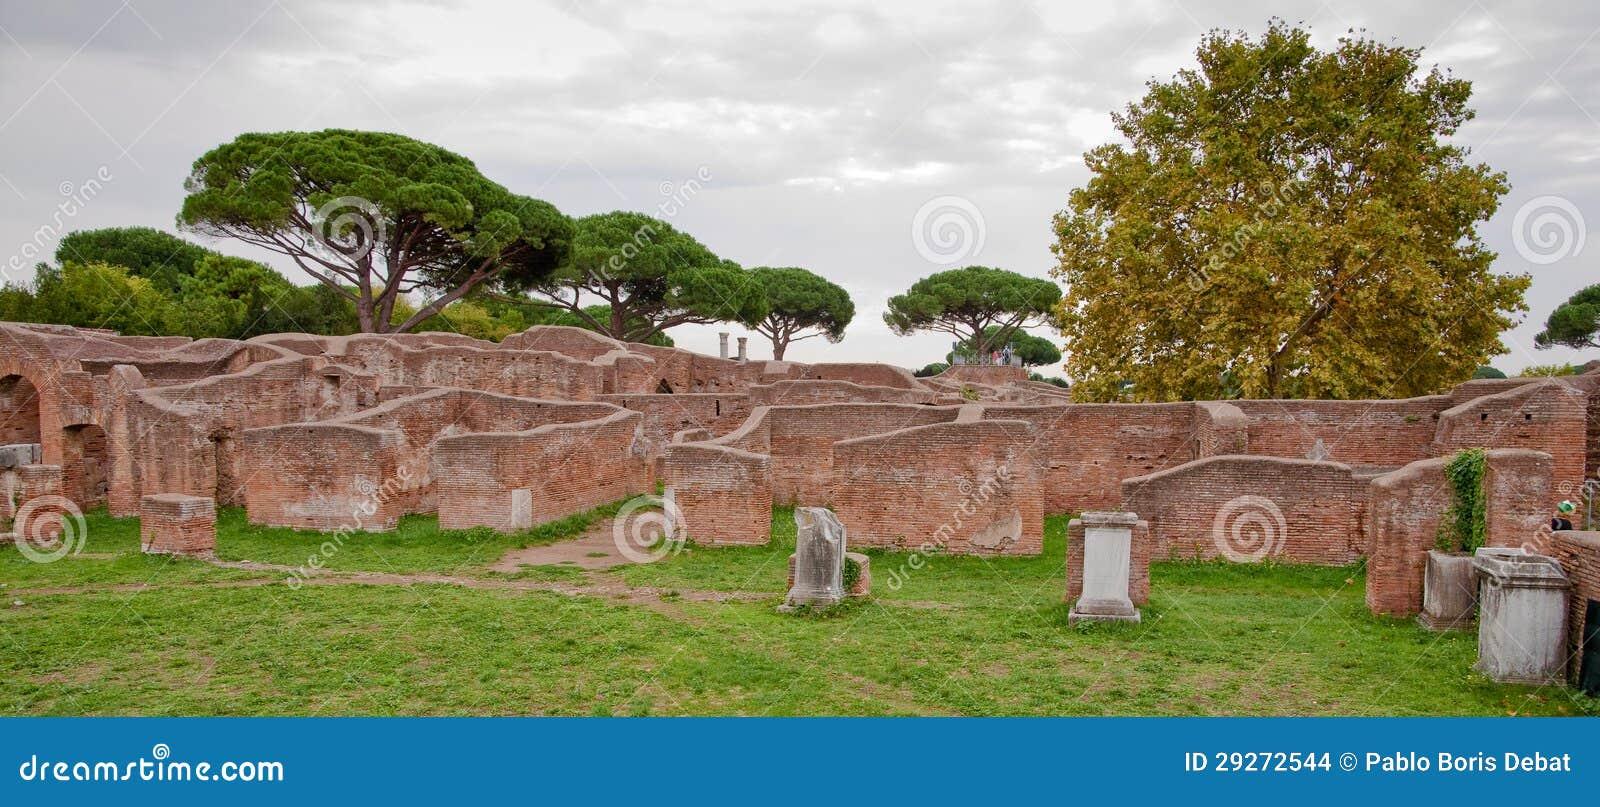 Ruins from caserma dei vigili del fuoco at ostia antica for Mr arredamenti ostia antica